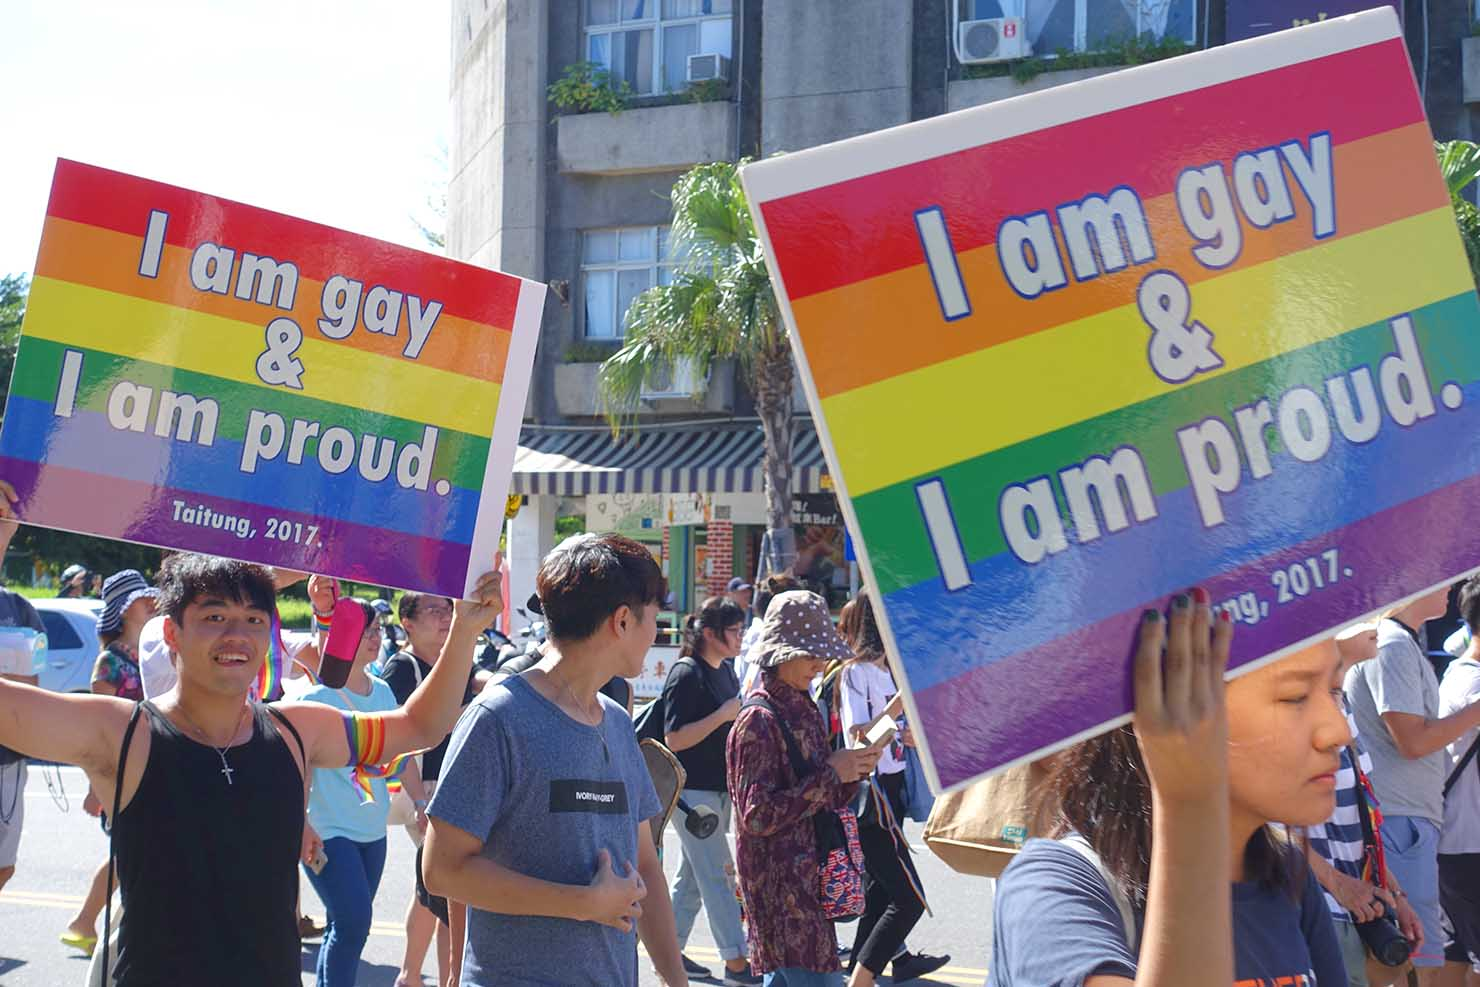 台湾東部のLGBTプライド「花東彩虹嘉年華」でレインボーカラーのプラカードを掲げる参加者たち